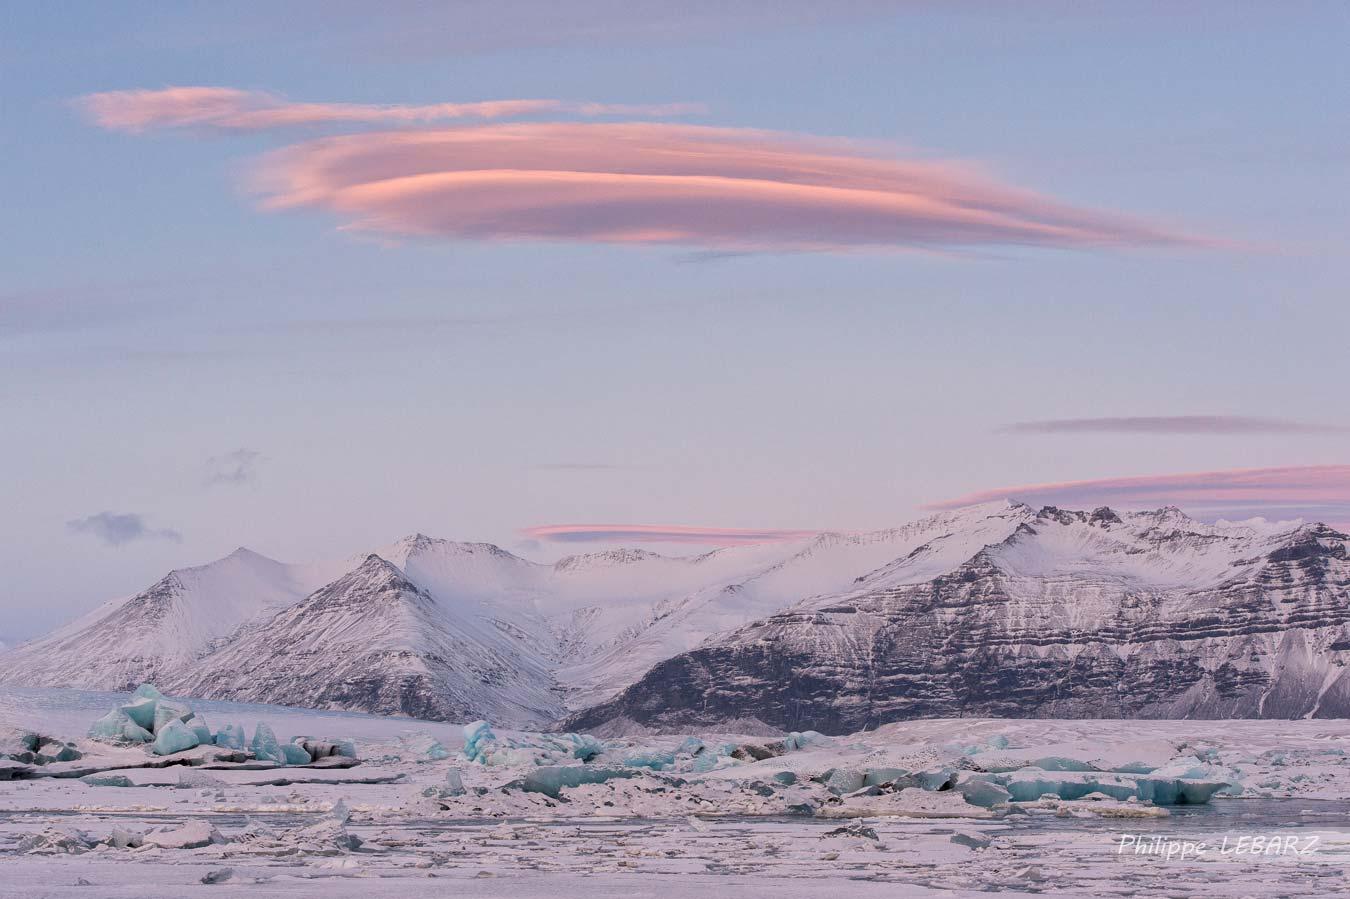 Vue sur le lagon de Jökulsárlón et sur un nuage lenticulaire